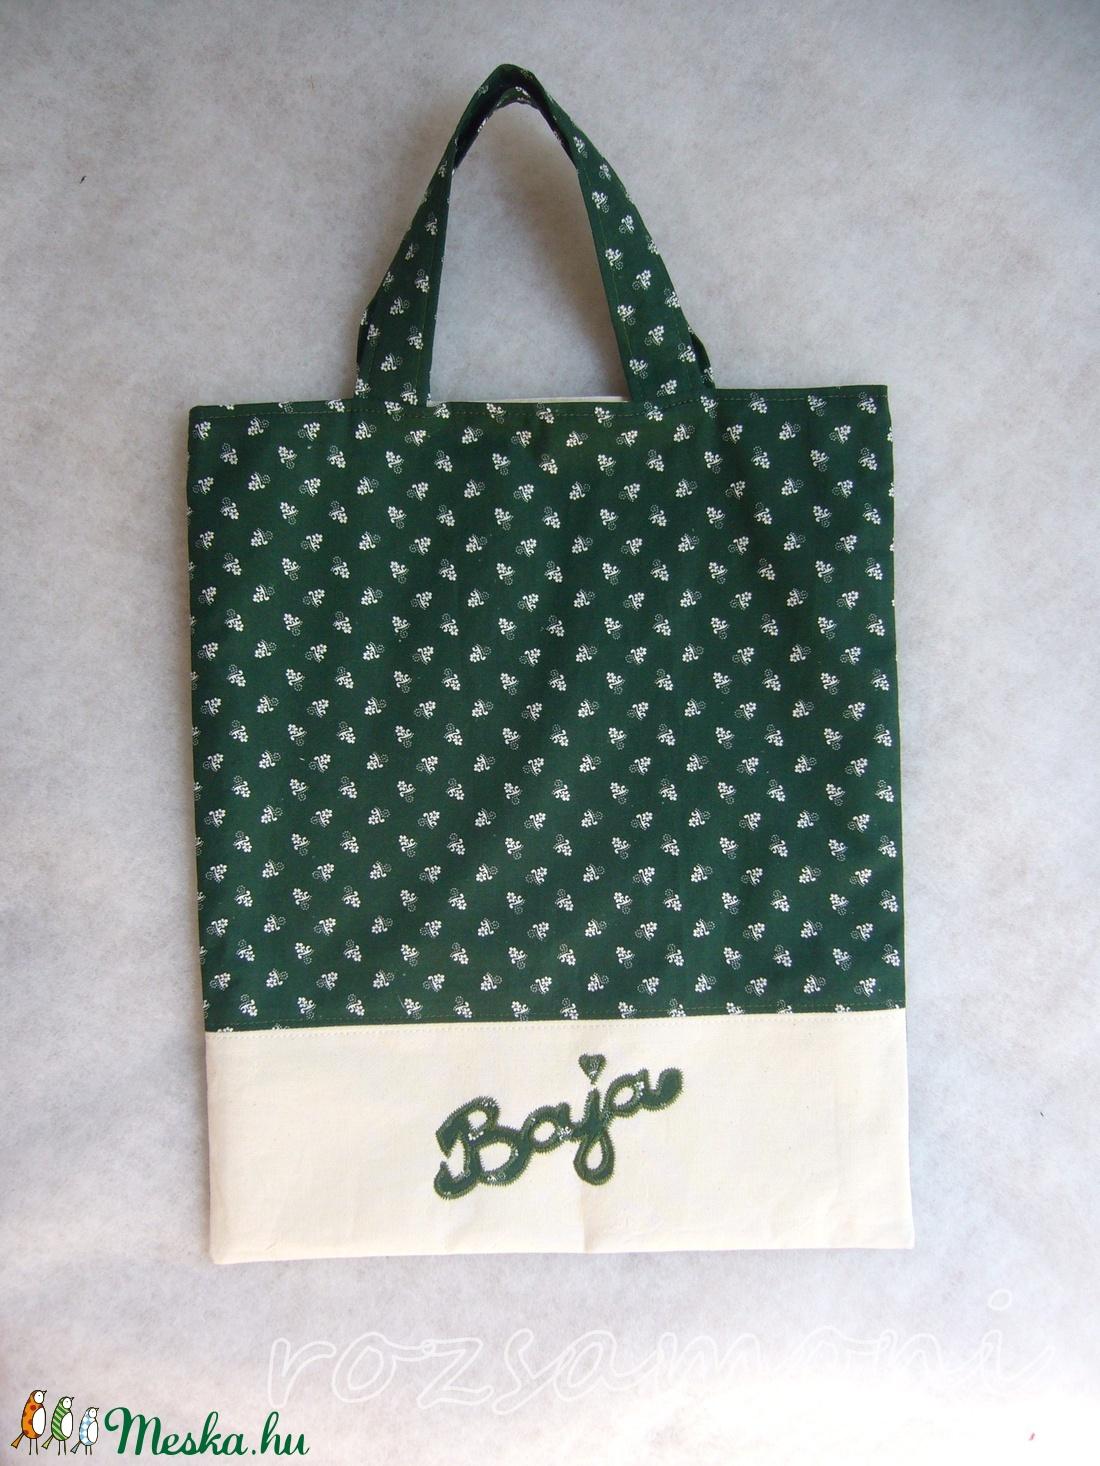 NÉVRESZÓLÓ FELIRATOS ZÖLD 100% pamut vászon bélelt táska 0e888c1b42